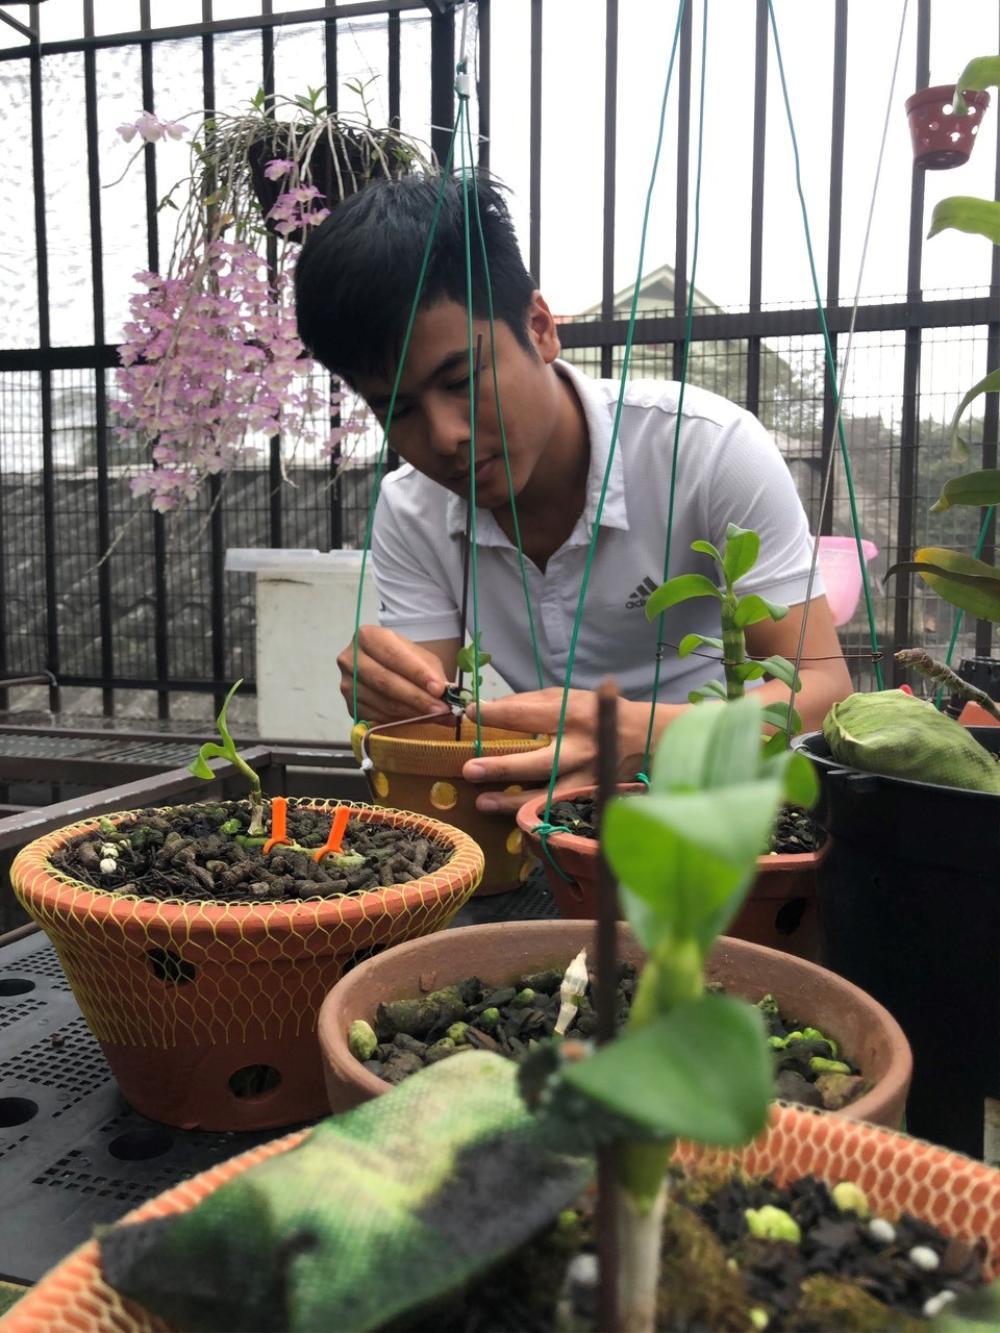 Nghệ nhân trồng lan Tạ Văn Hiệp: Cây lan lớn lên chỉ bằng tình yêu thực sự Ảnh 2